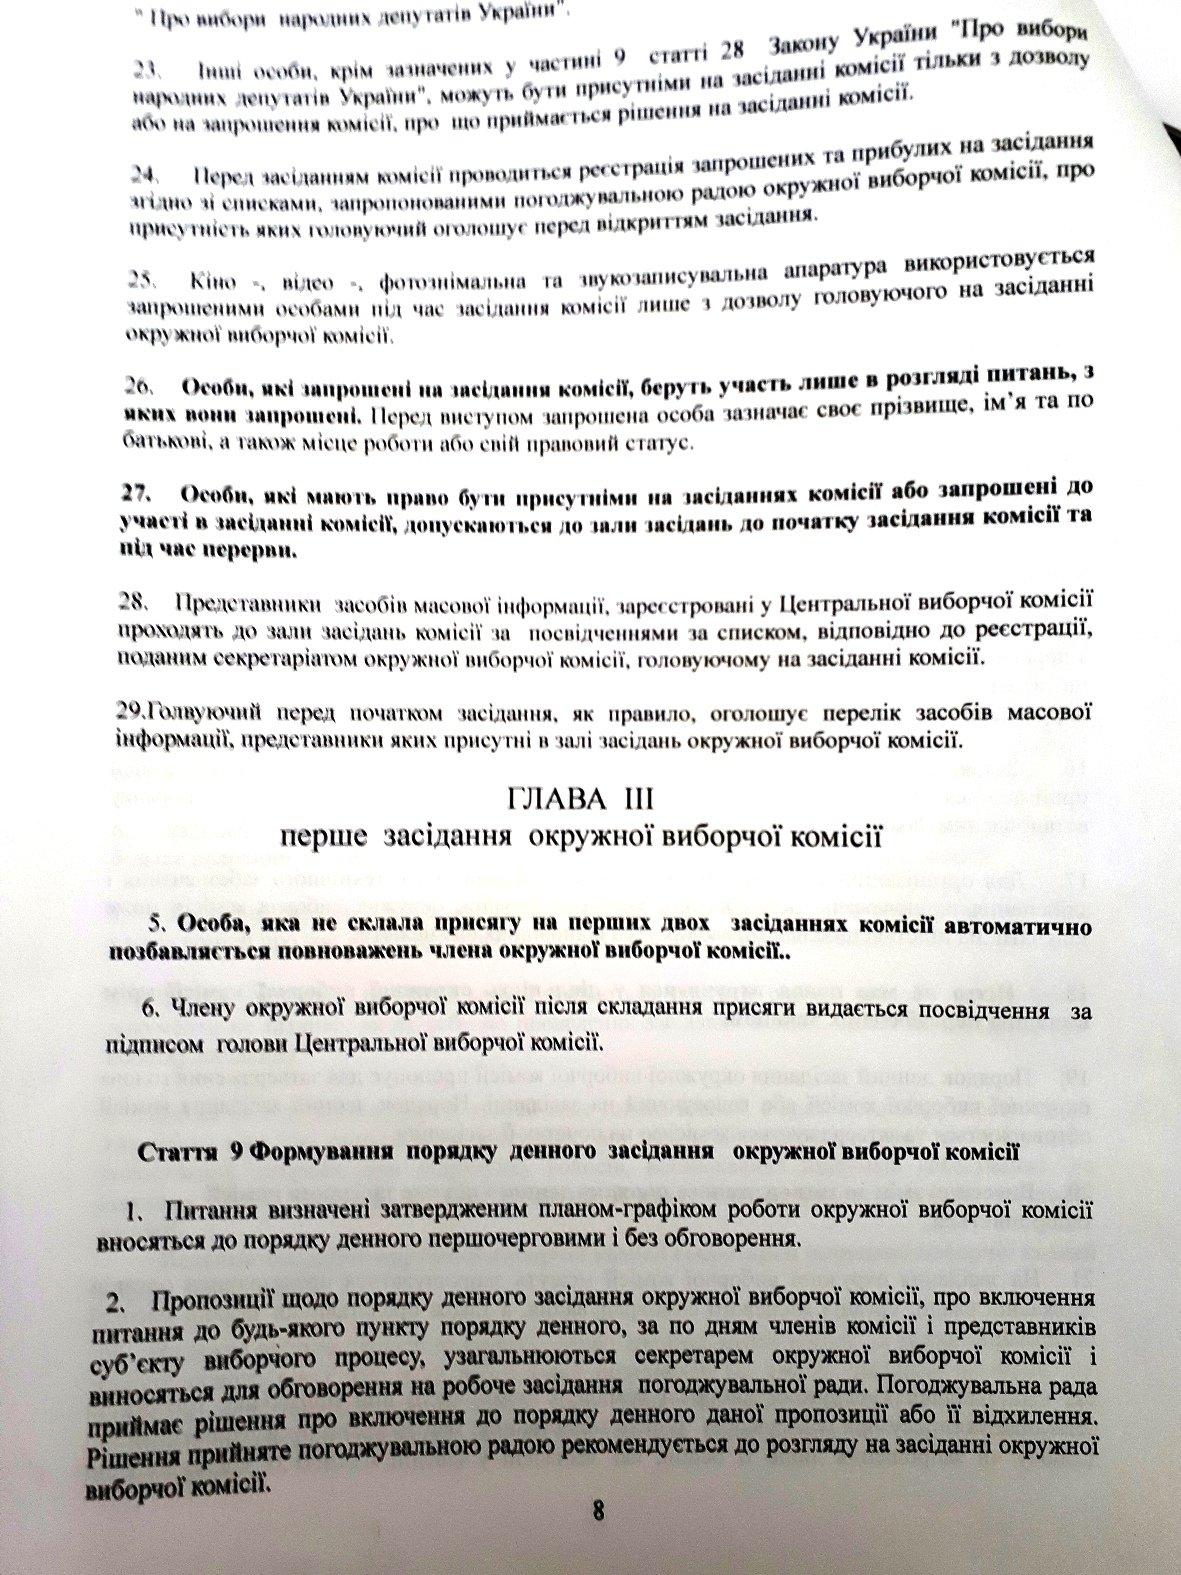 ОВК № 131 затвердила регламент роботи, який суперечить законодавству - ОПОРА, фото-3